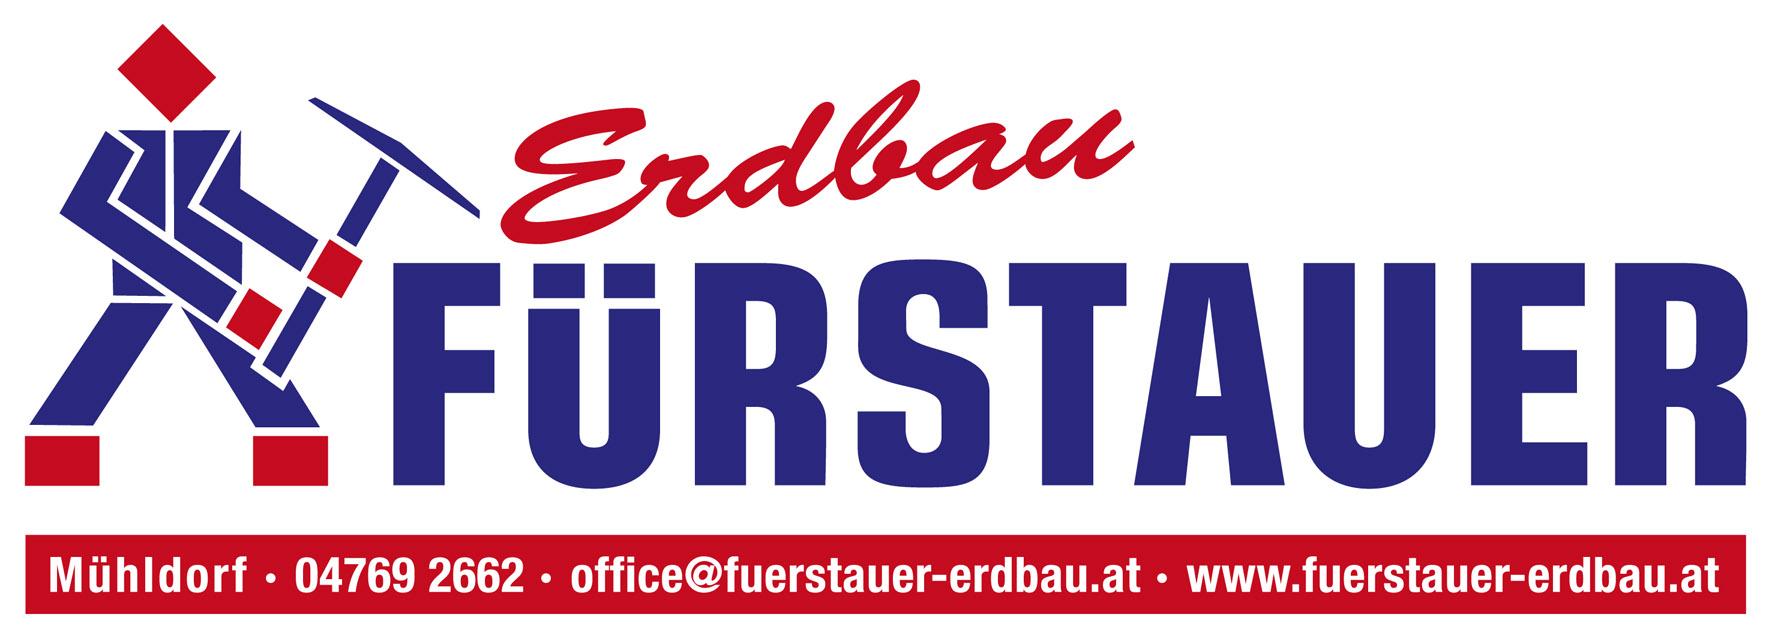 Fuerstauer